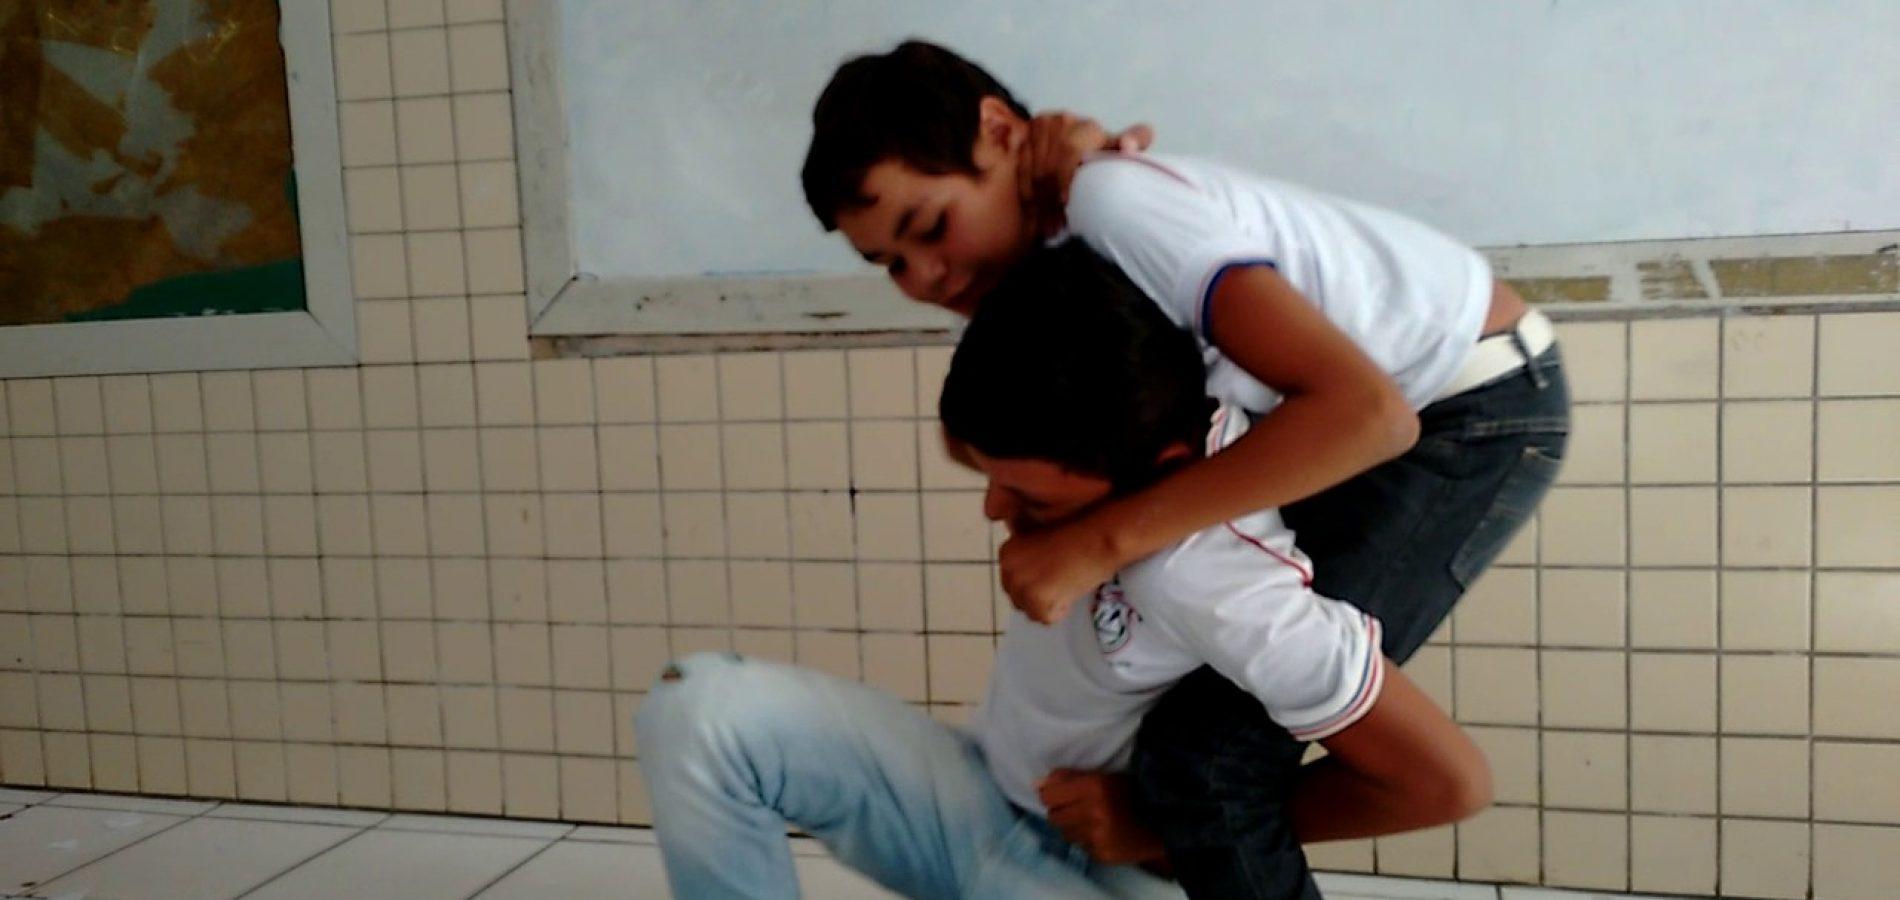 Alunos são suspensos após briga em plena sala de aula no Piauí